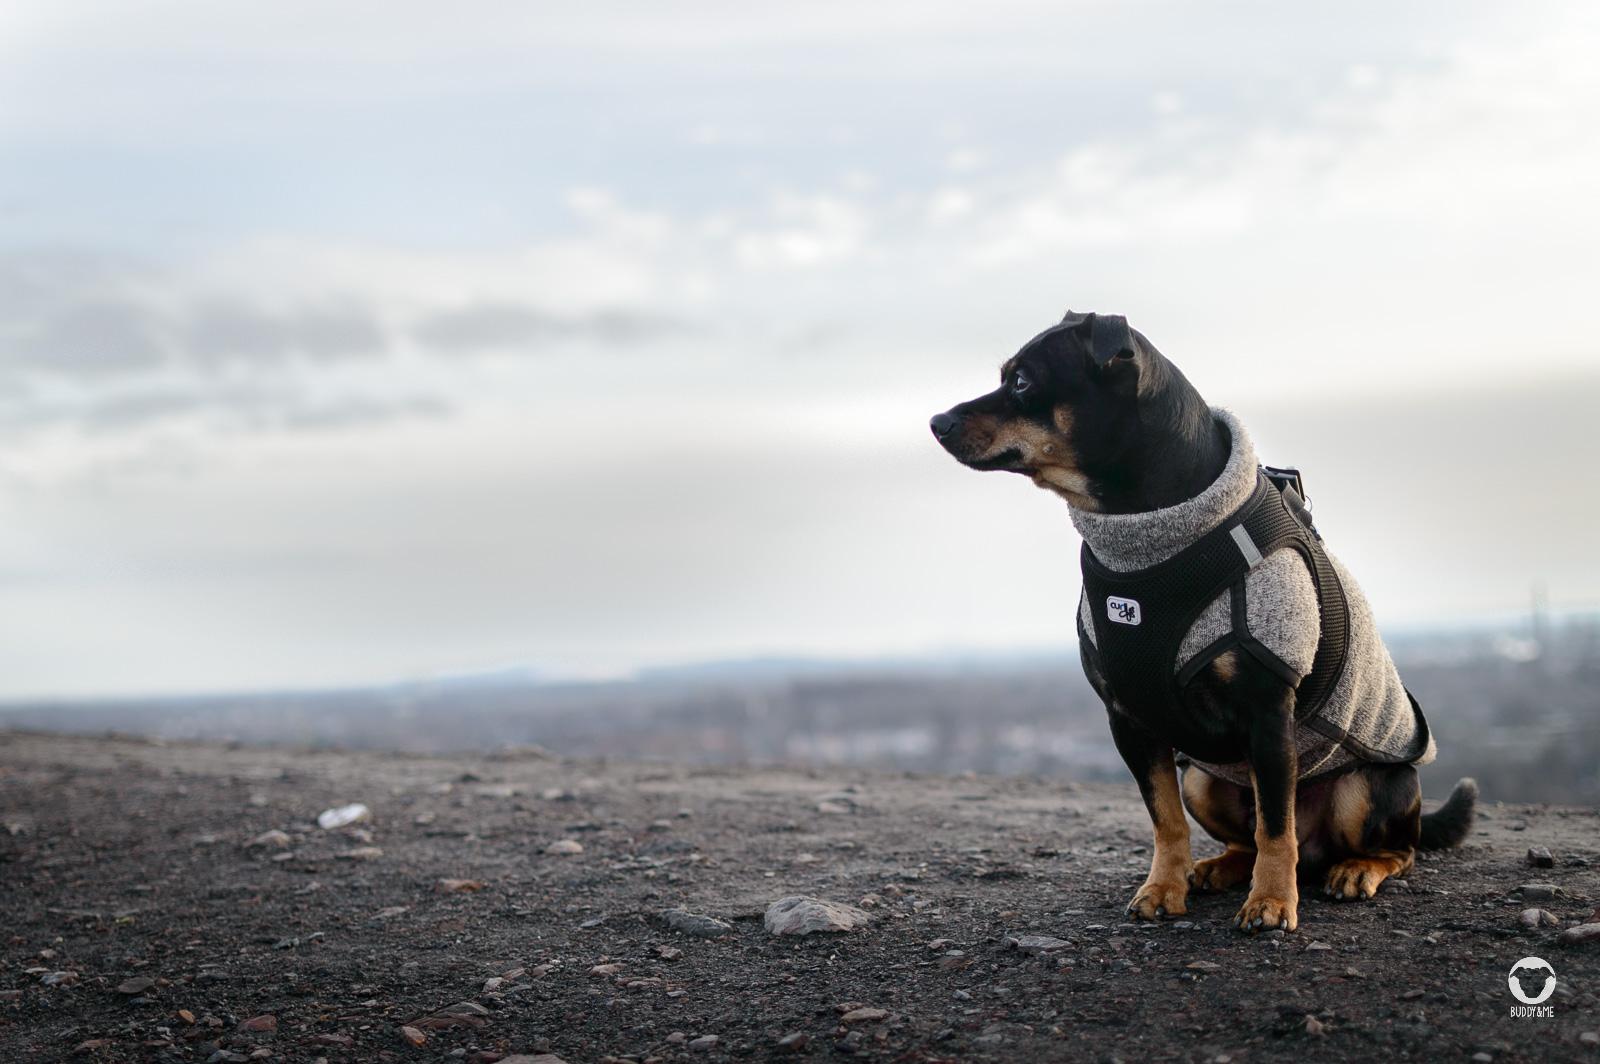 Buddy auf der Mottbruchhalde - Pinscher Buddy, Buddy and Me, Hundeblog, Dogblog, Ruhrgebiet, Leben mit Hund, Hundealltag